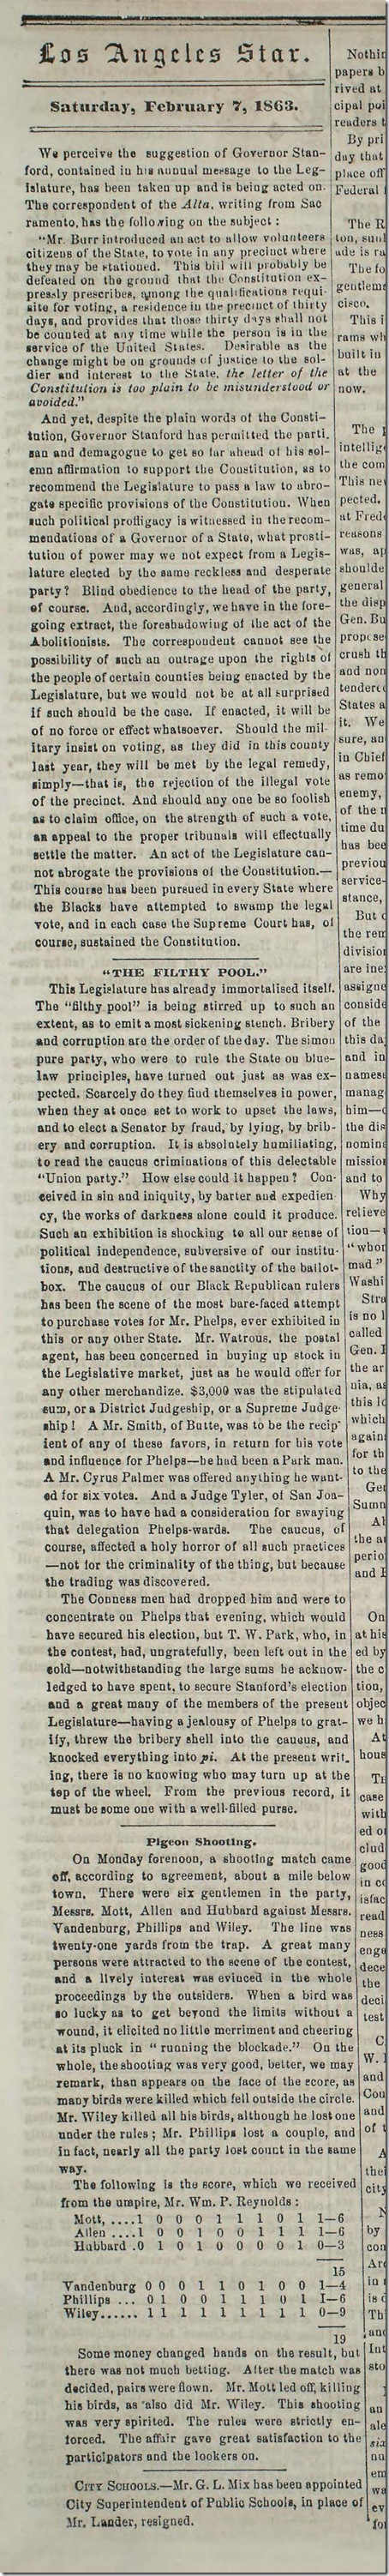 Feb. 7, 1863, Editorial